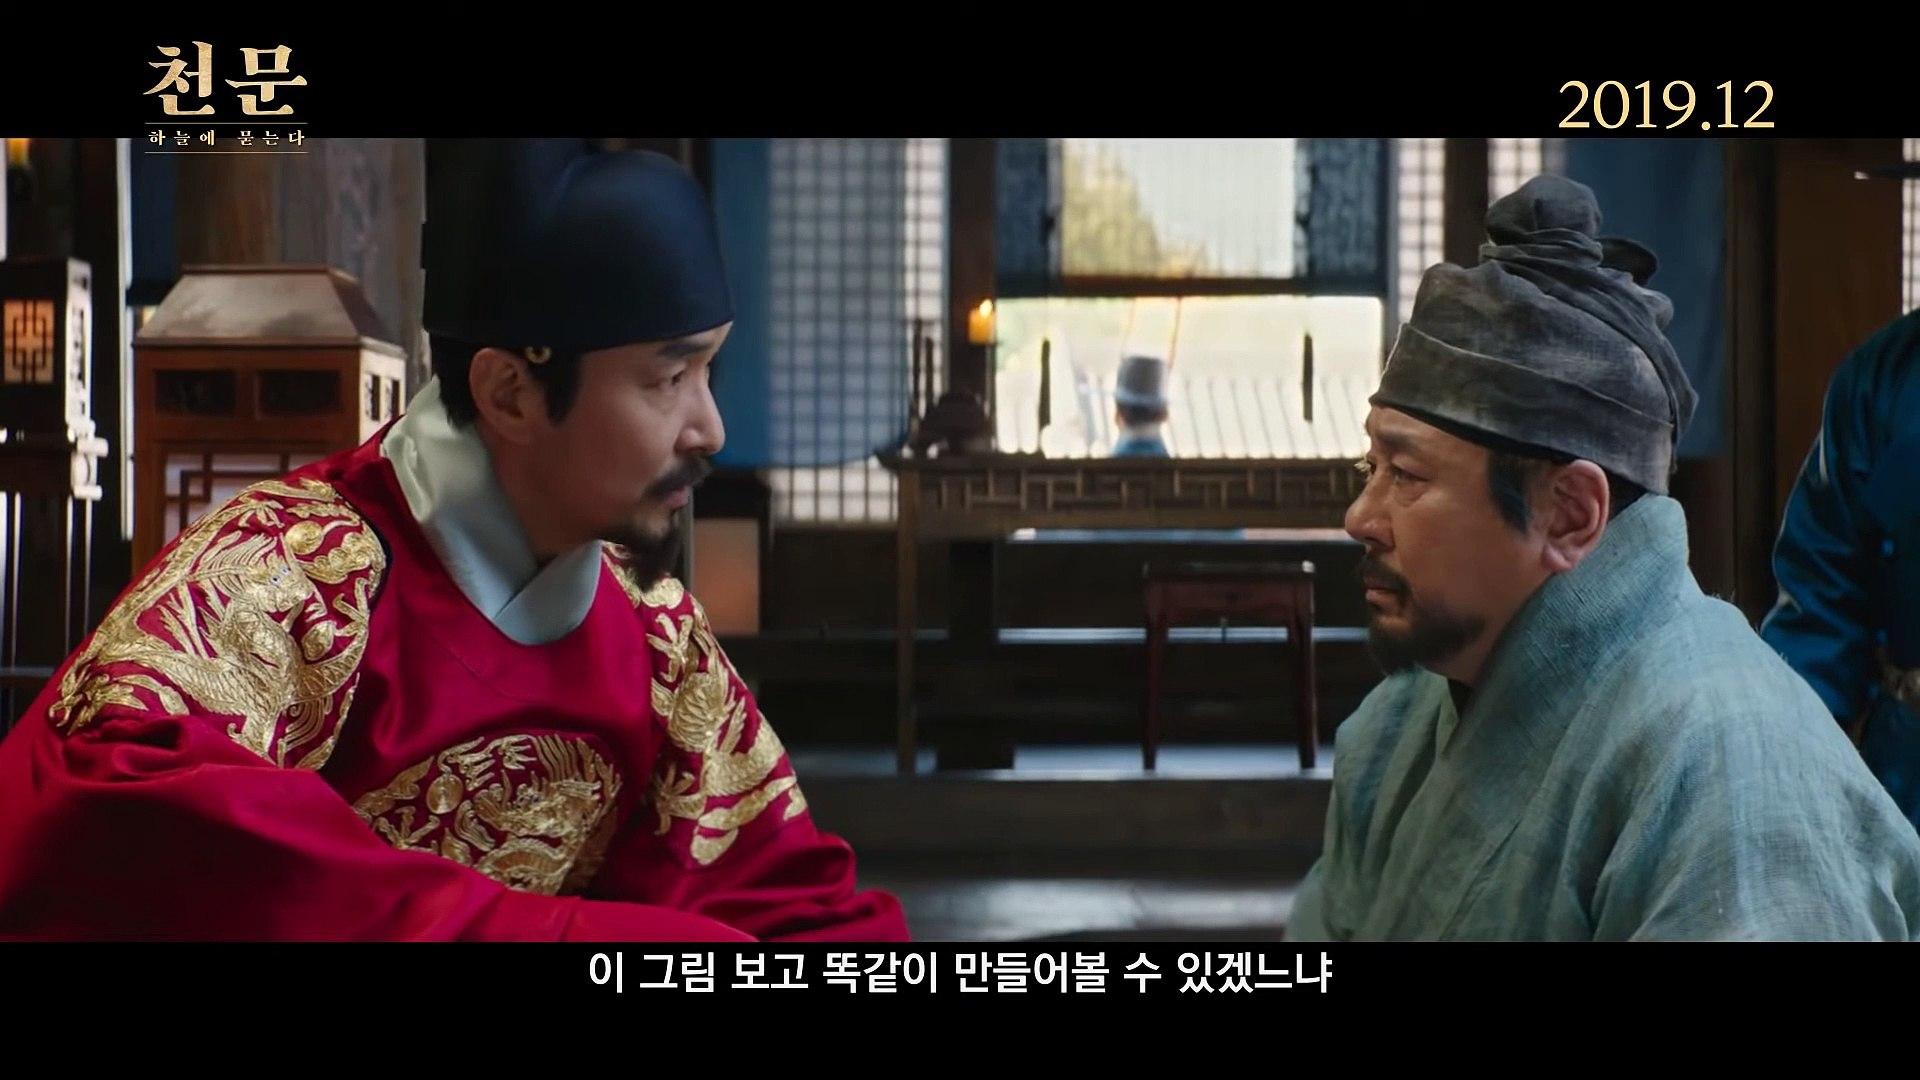 영화 [천문- 하늘에 묻는다] (Forbidden Dream, 2020) 메인 예고편